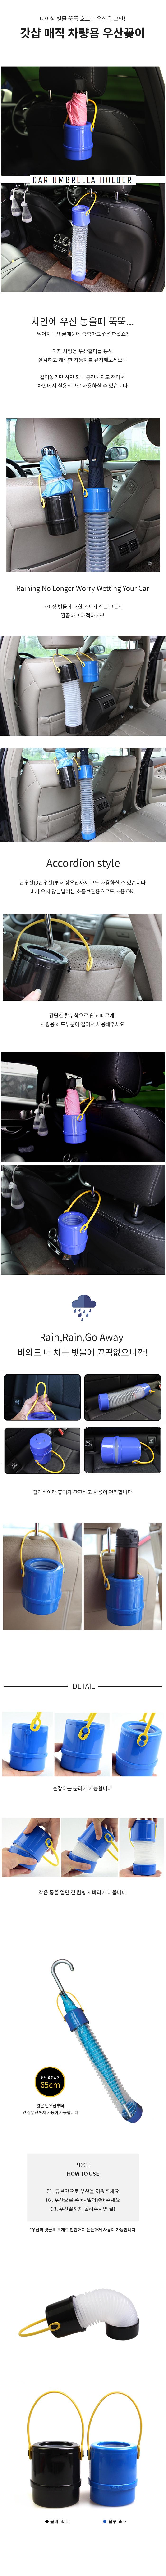 갓샵 늘어나는 매직 차량용 우산걸이 우산꽂이 - 갓샵, 4,900원, 차량용포켓/수납용품, 소품홀더